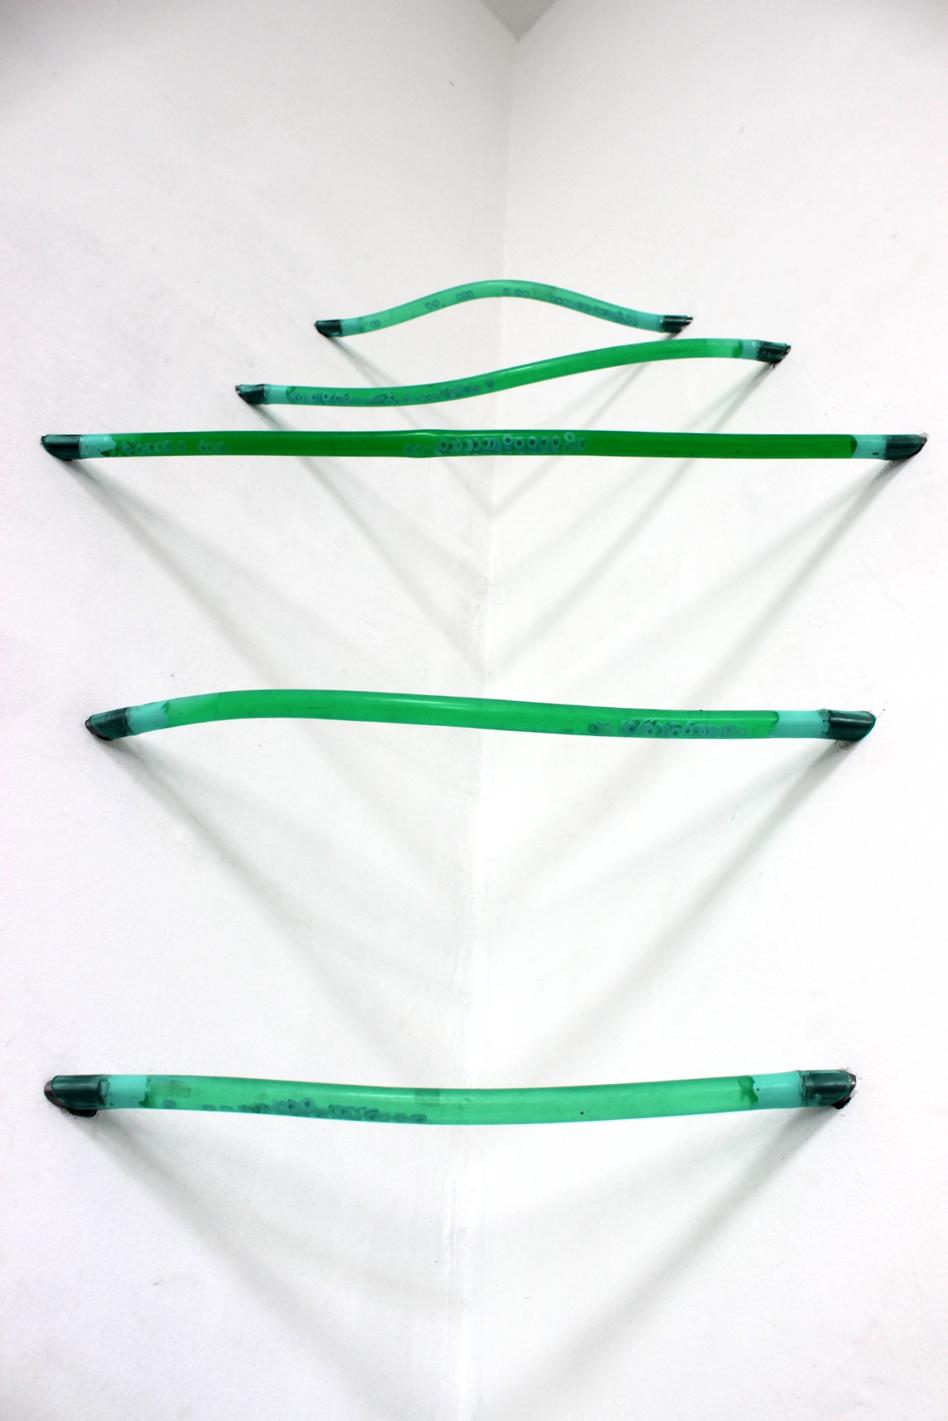 Megan Shaw, Assumed Composition (detail) 2019. Garden hose, steel, silicone, water, dye and enamel paint, 106 x 78 x 27cm,  École Nationale Supérieure d'Art, Dijon, France